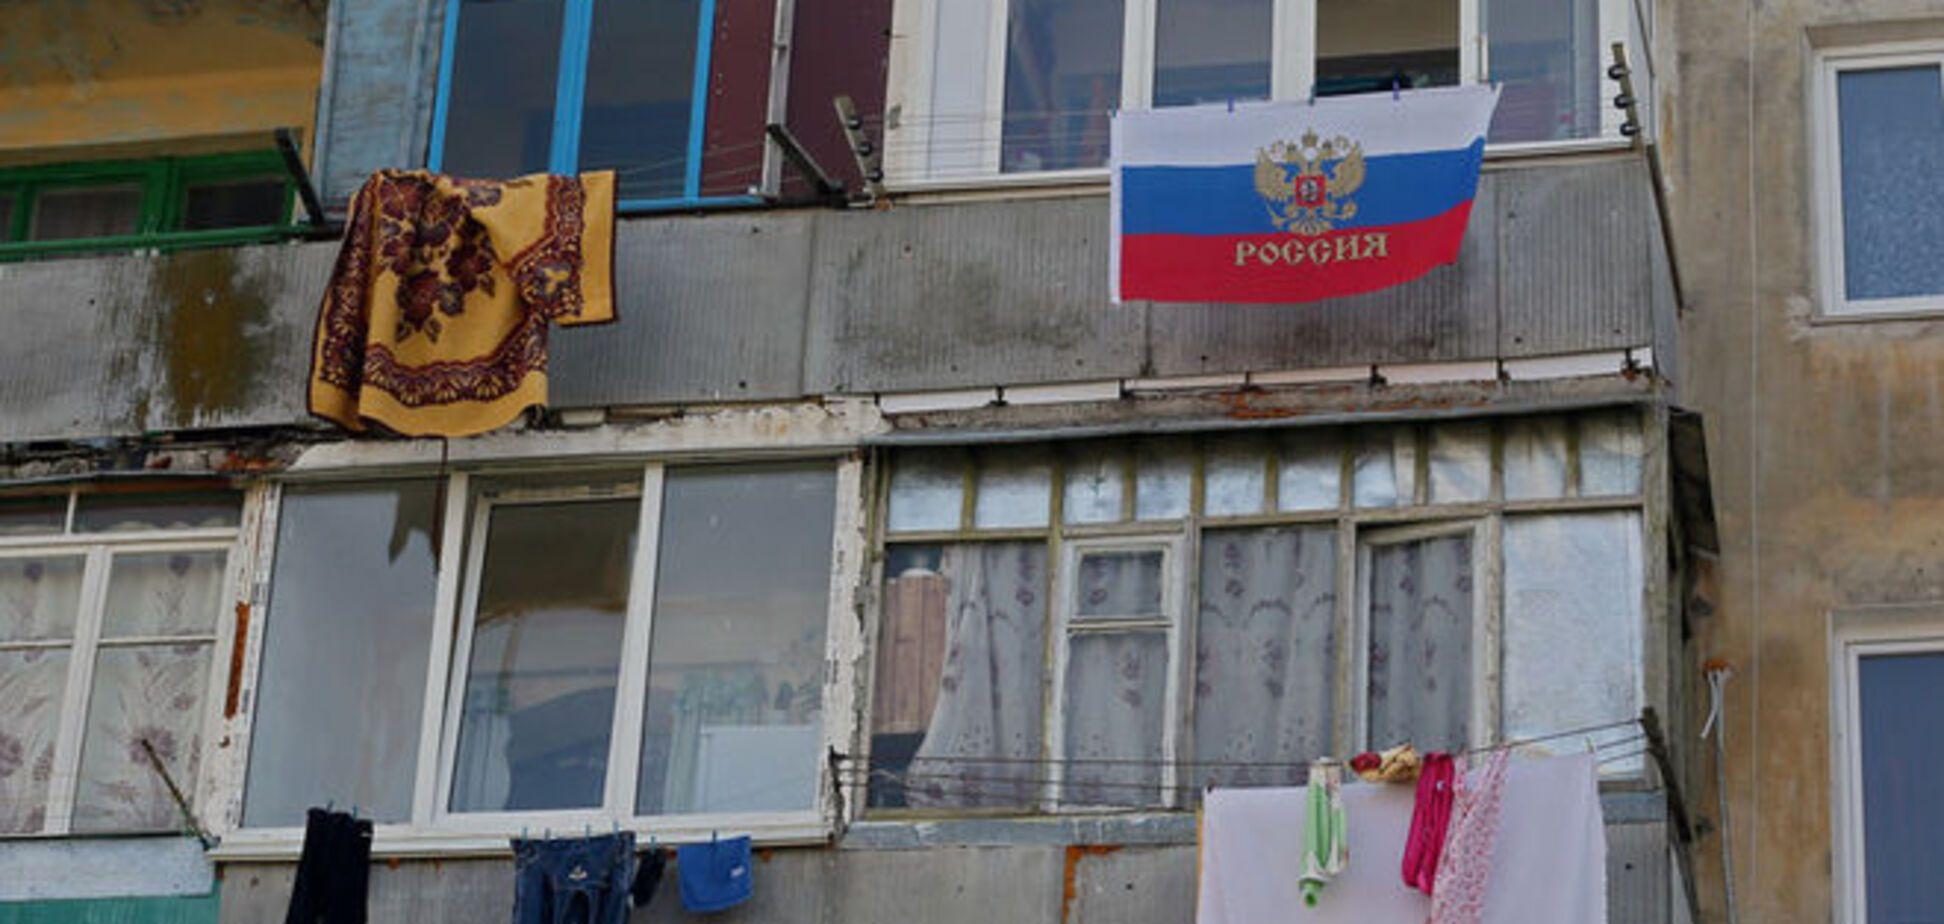 В Крыму почти не осталось независимых СМИ - 'Репортеры без границ'